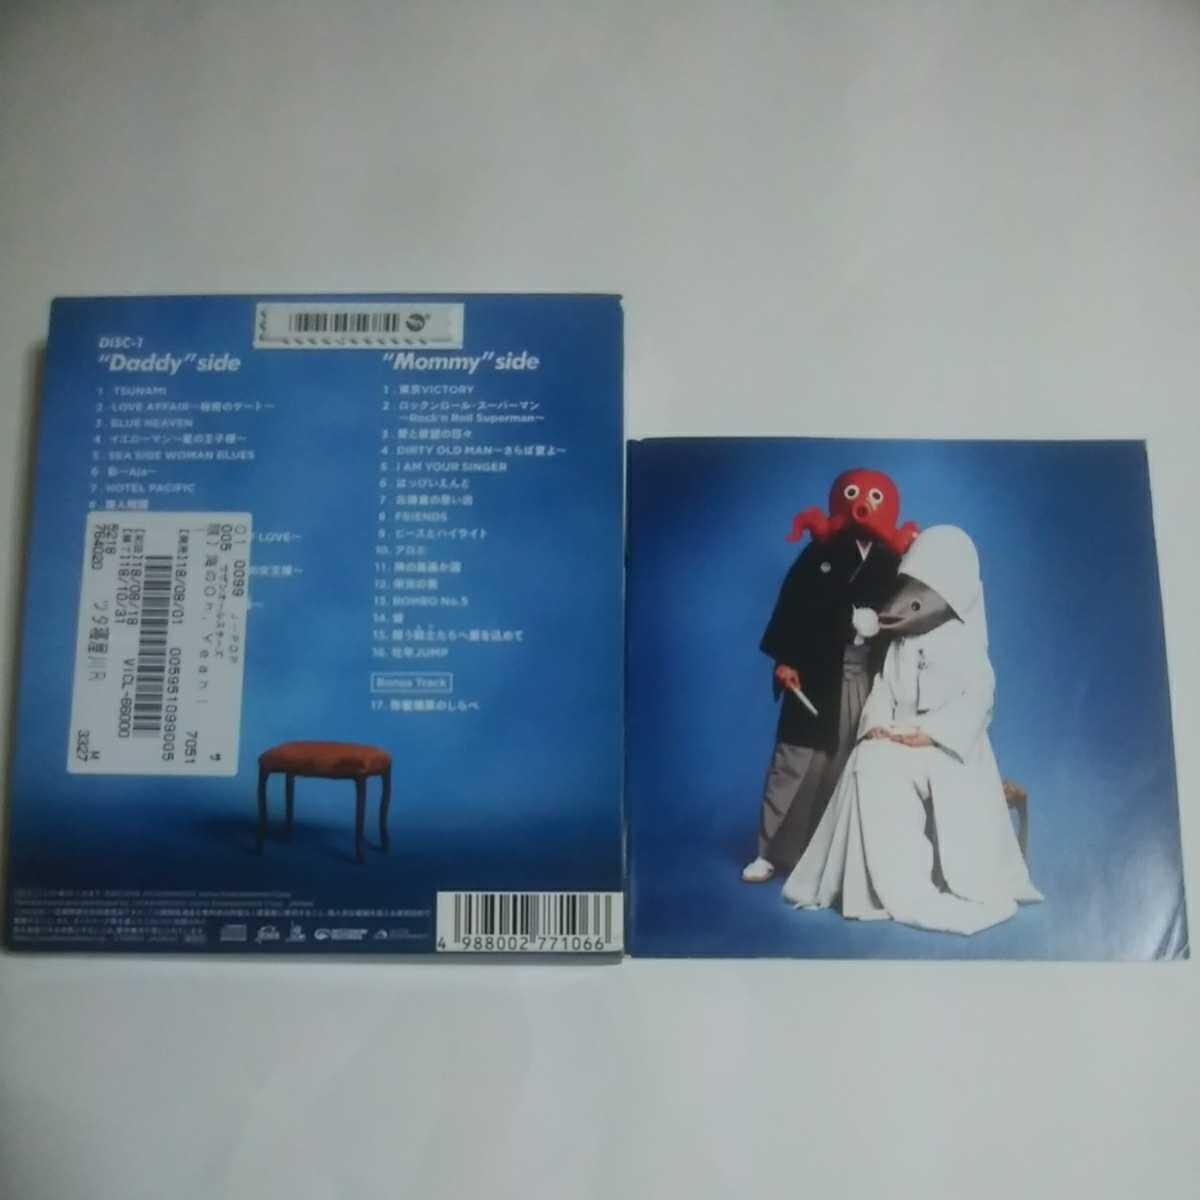 サザンオールスターズ 海の Oh,YEAH 完全生産限定盤 アルバム CD 2枚組 即決価格 33曲収録 サザン_画像4